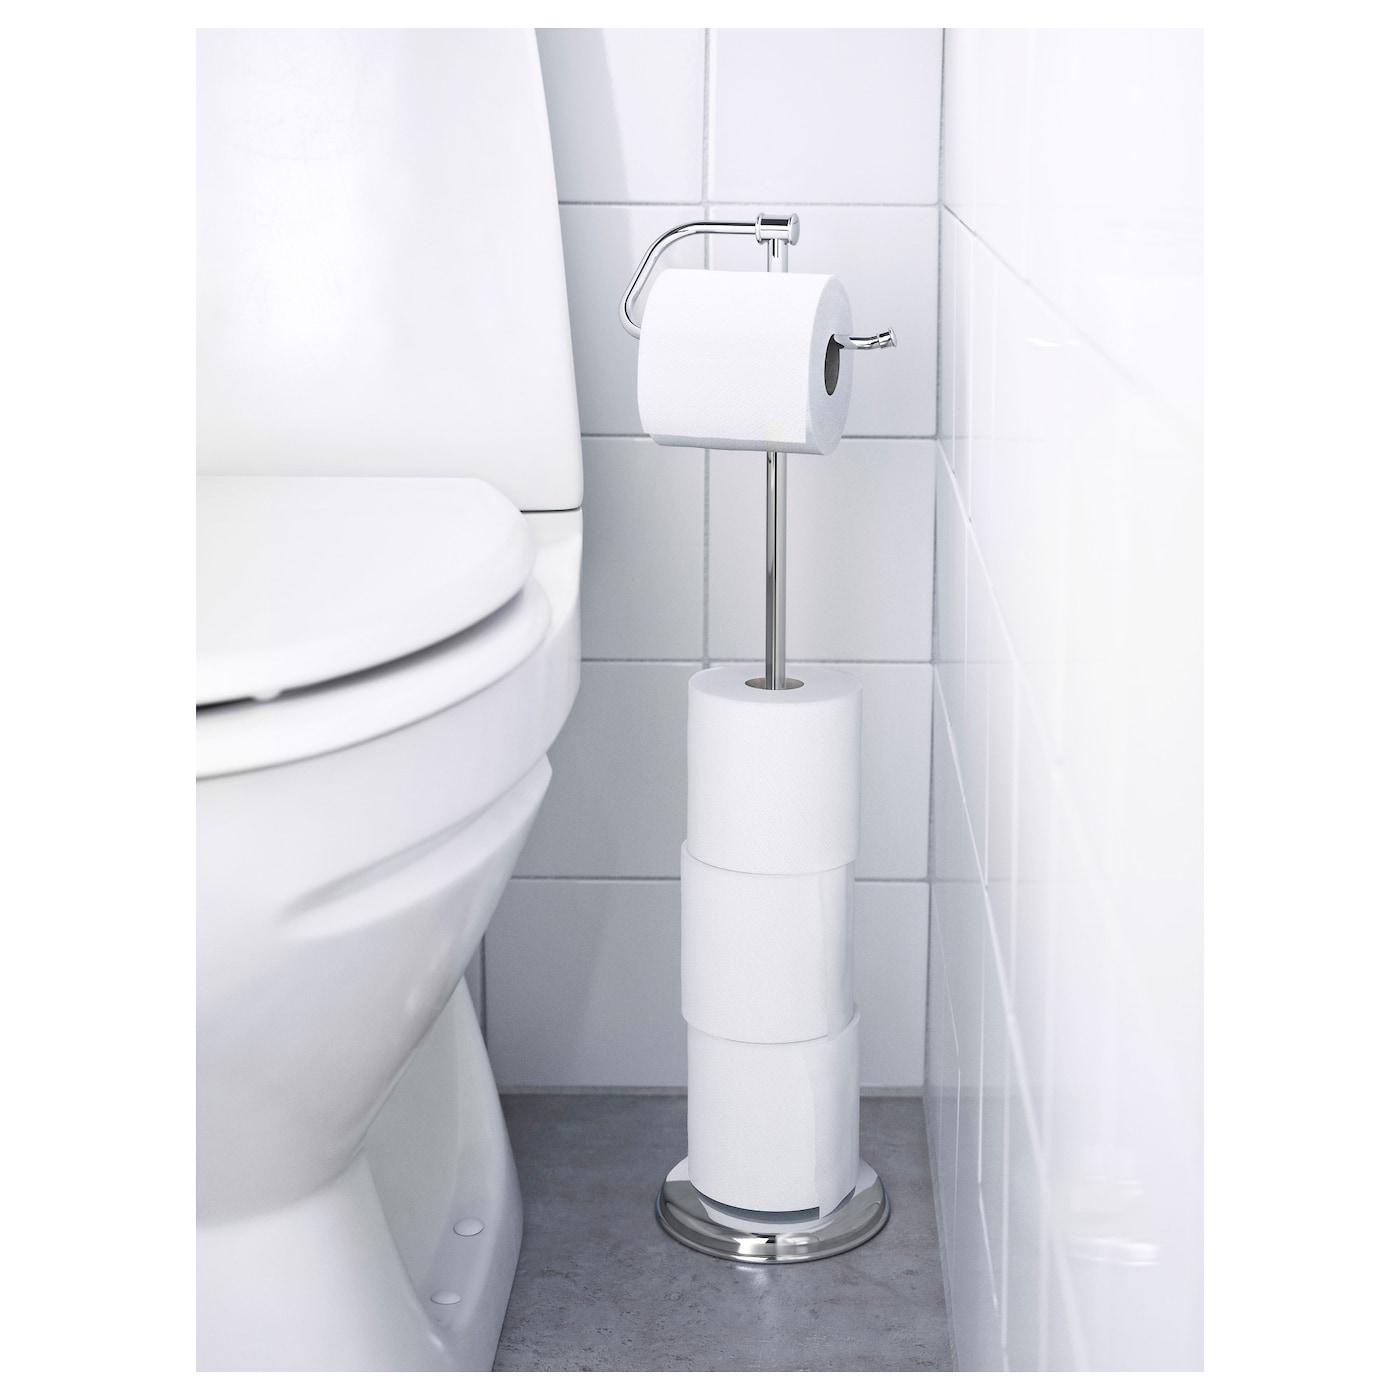 Rangement De Papier Toilette balungen porte-rouleau papier hygiénique - chromé